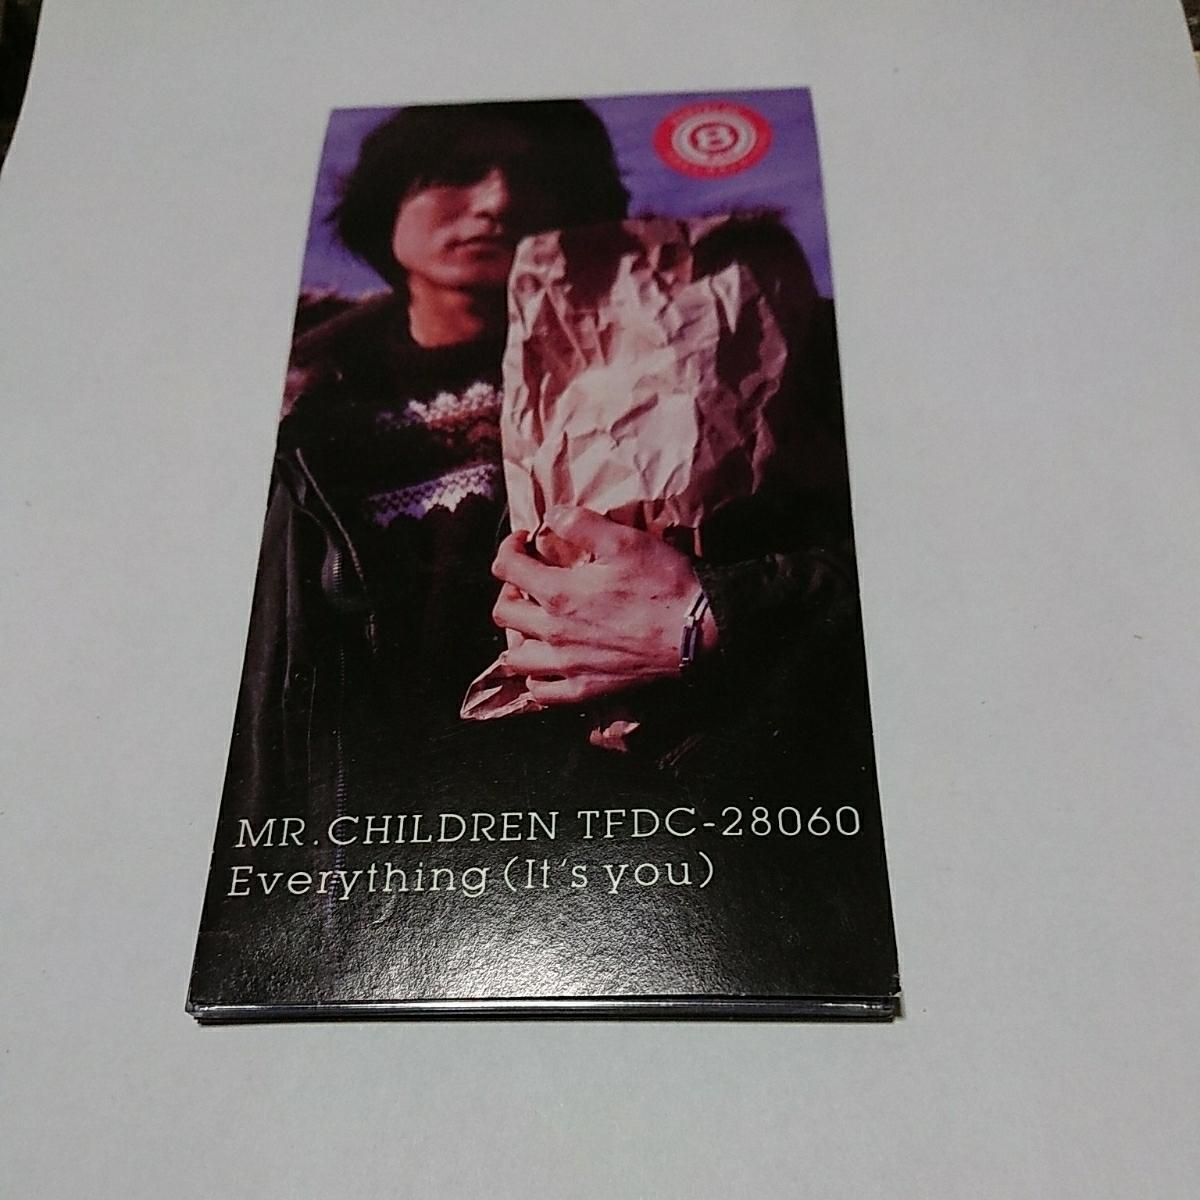 196135●90年代中古●8cmシングルCD●Everything (It's you) デルモ/Mr.Children●1997年●121万枚